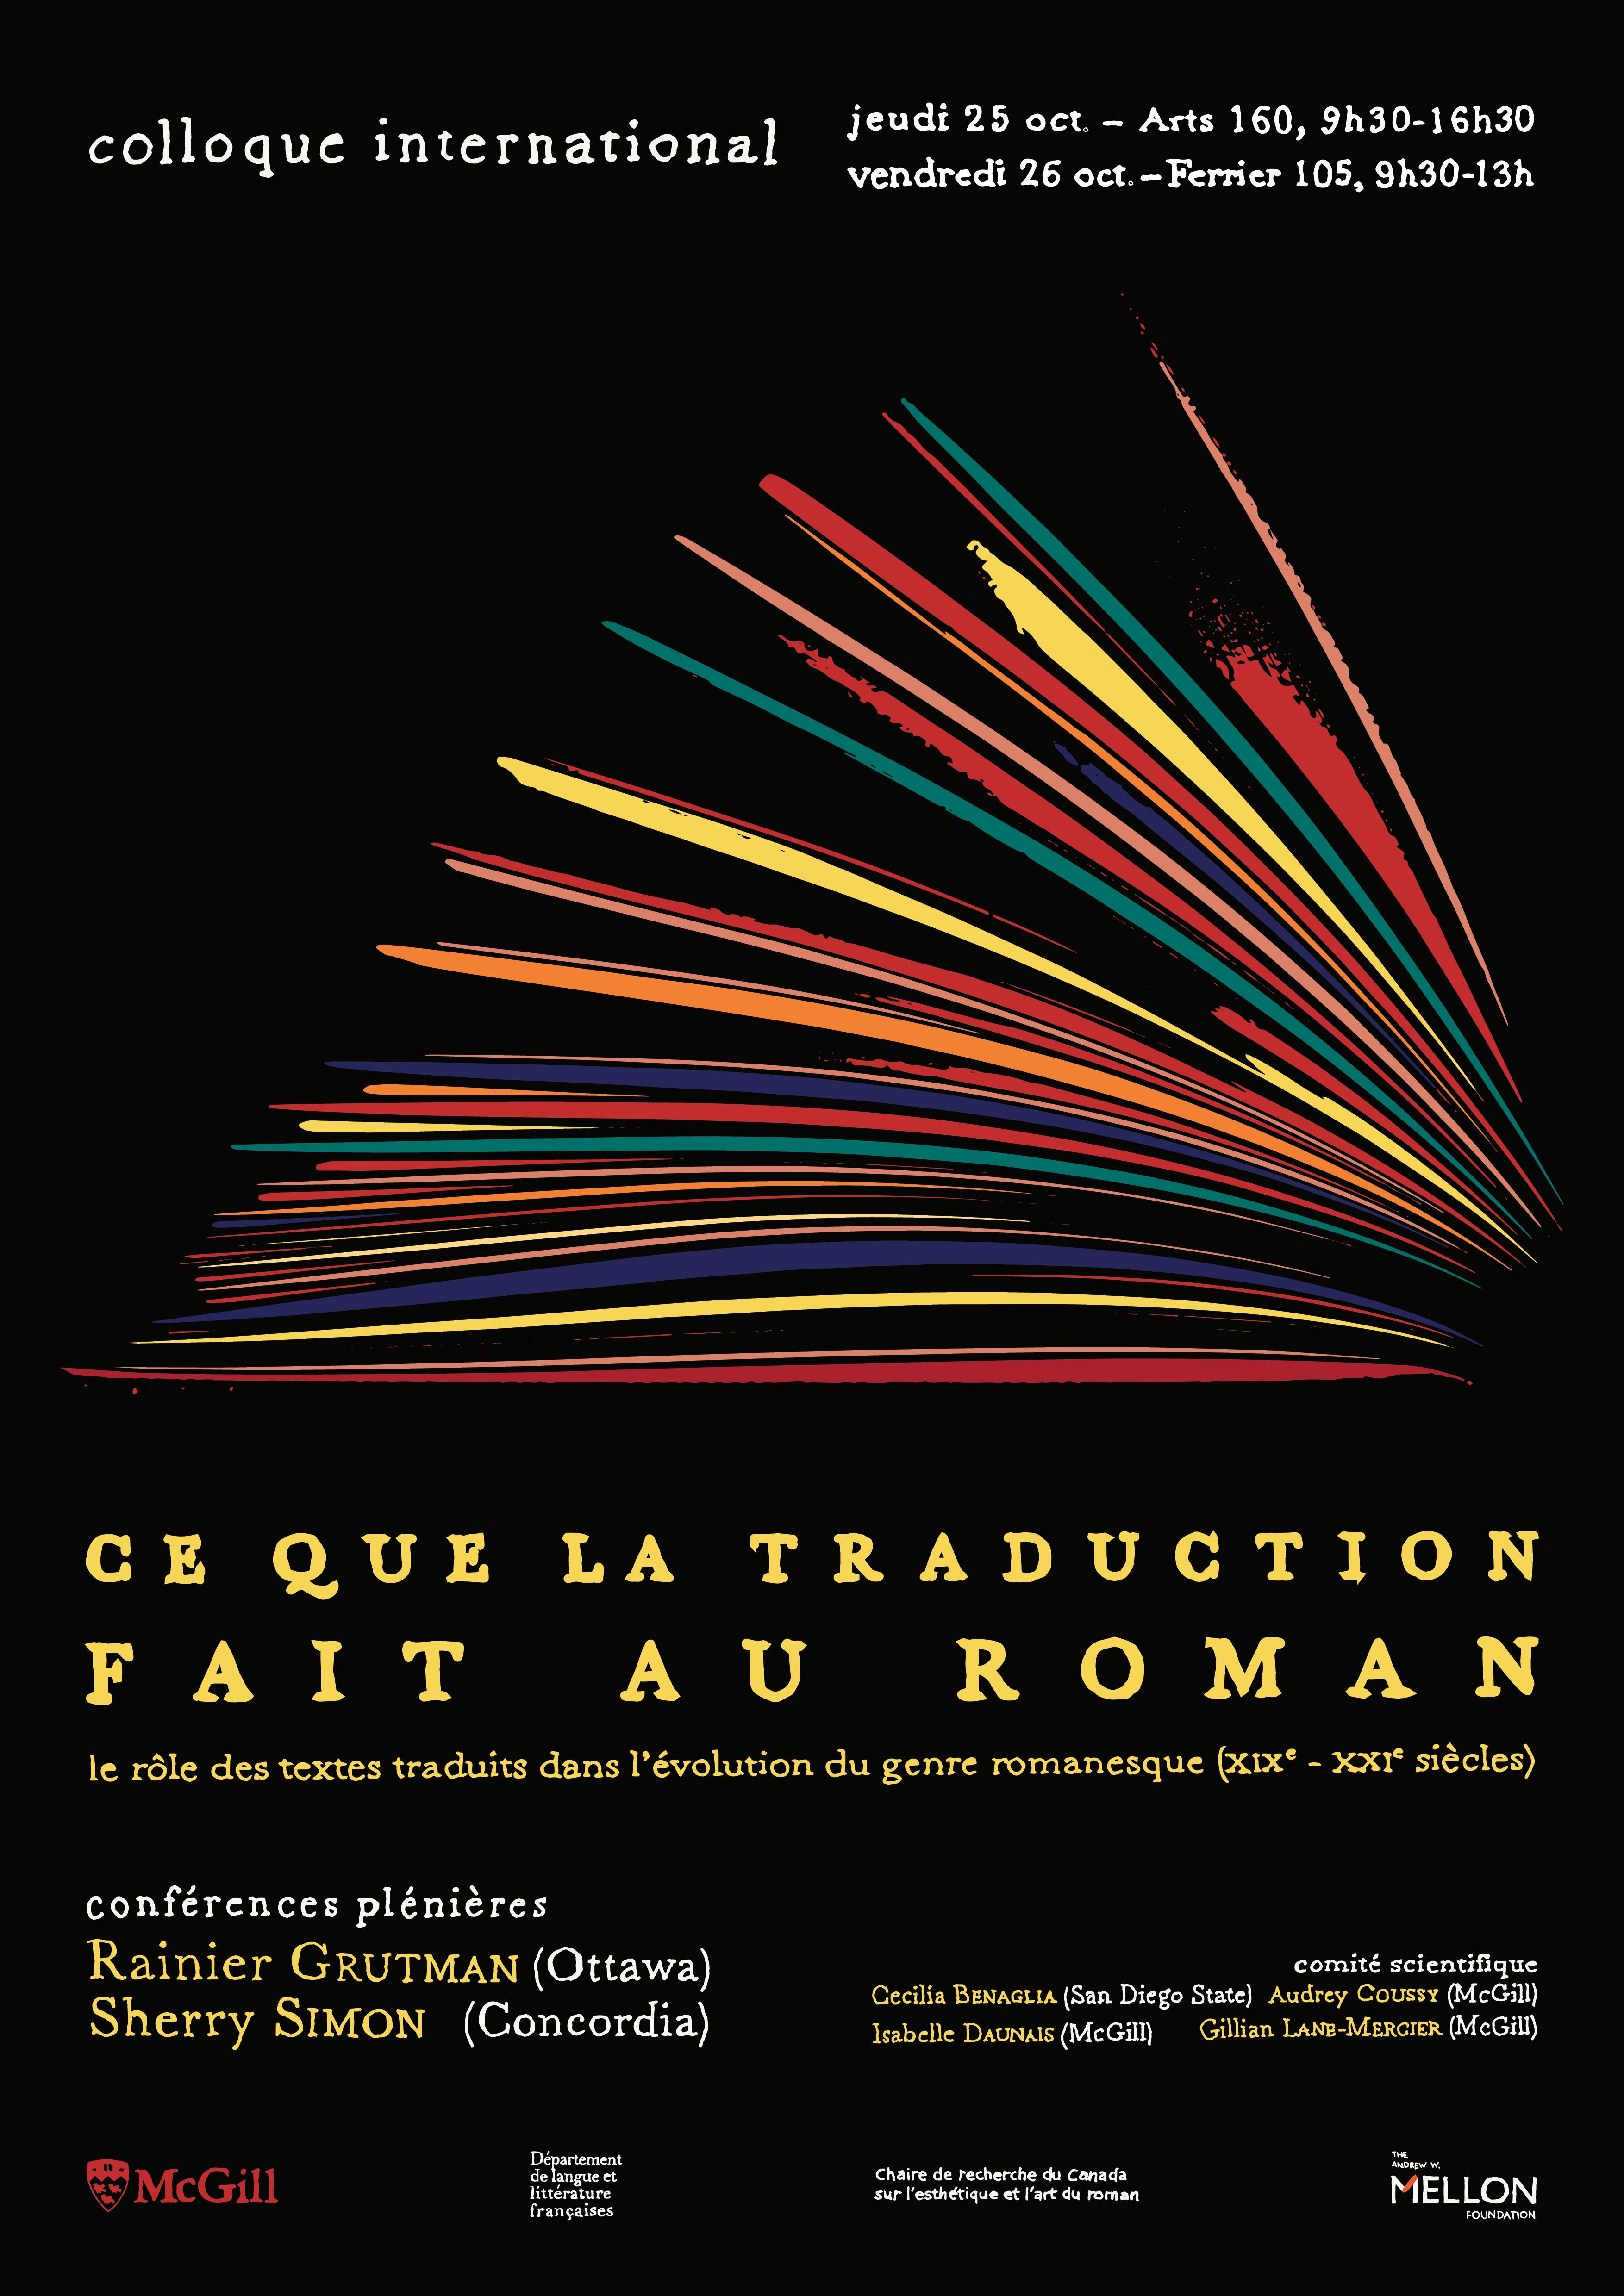 Ce que la traduction fait au roman : le rôle des textes traduits dans l'évolution du genre romanesque francophone (Montréal)